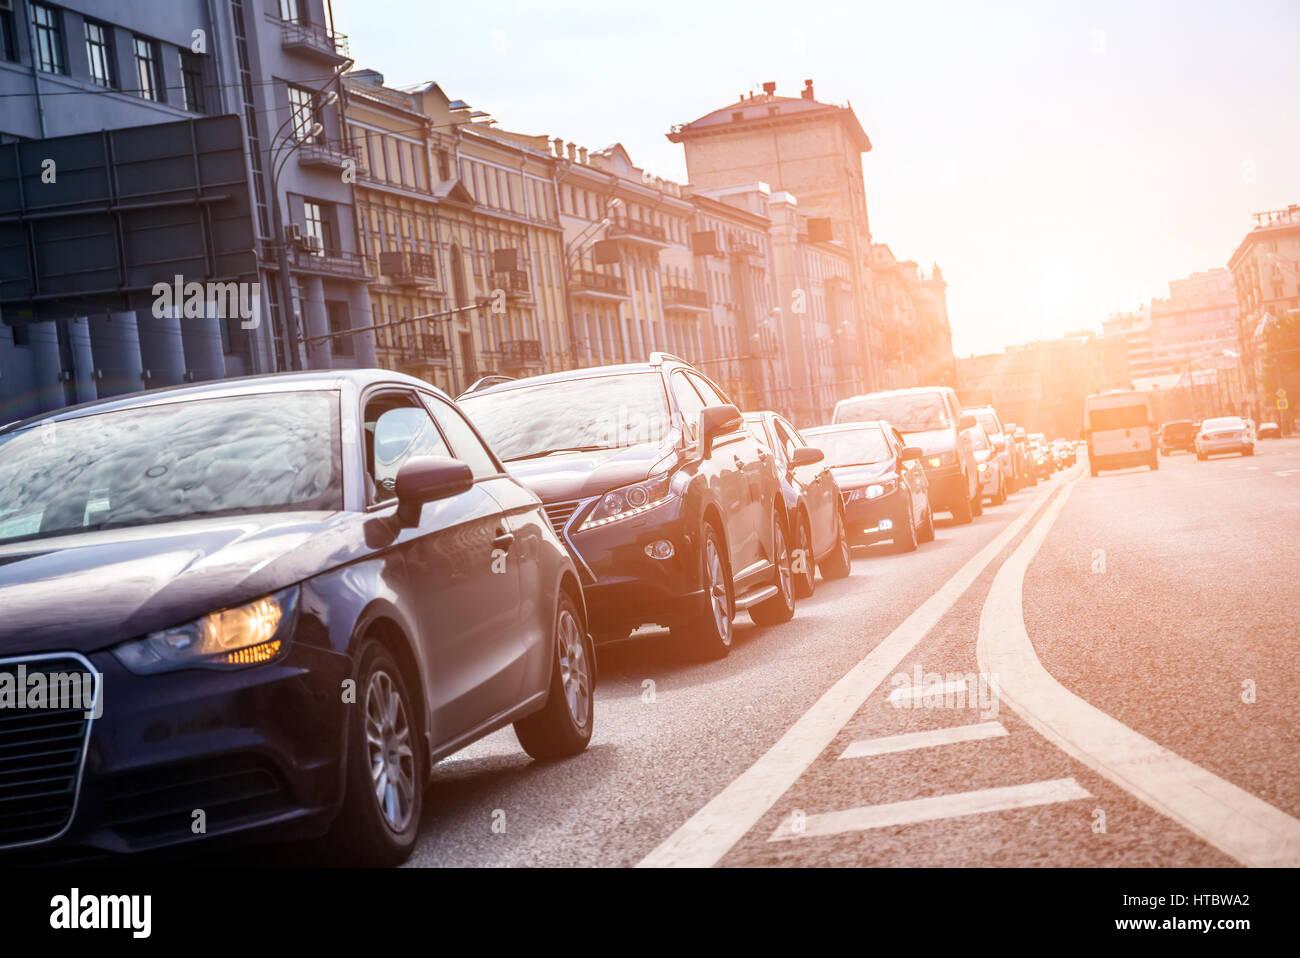 Vista dal basso verso la corsia con le automobili nel traffico con la calda luce del sole Immagini Stock